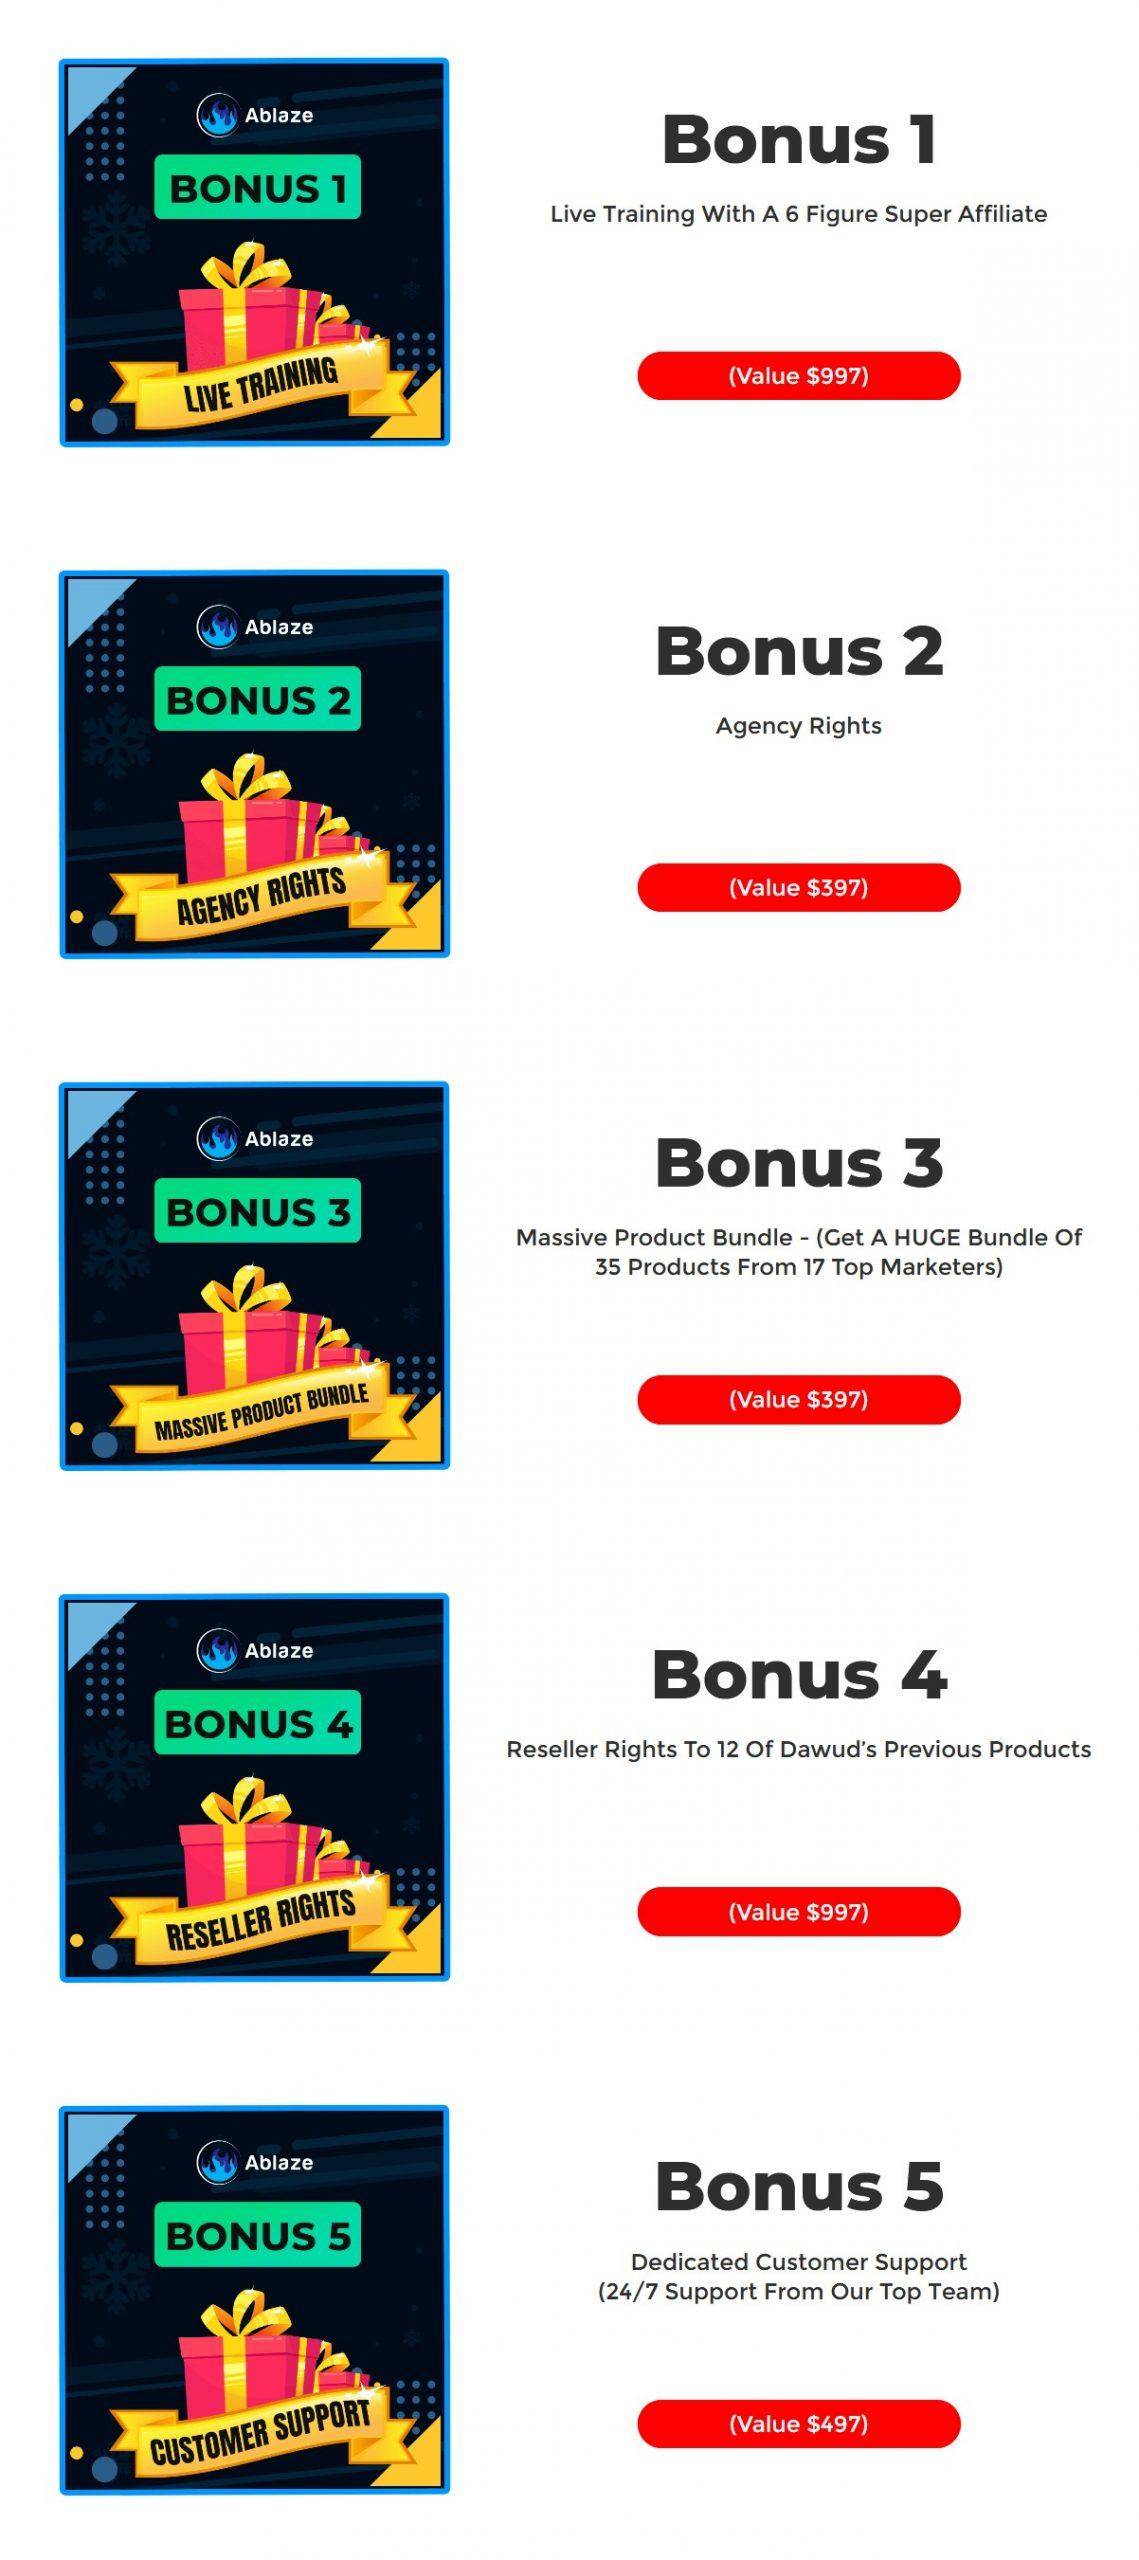 Ablaze bonus